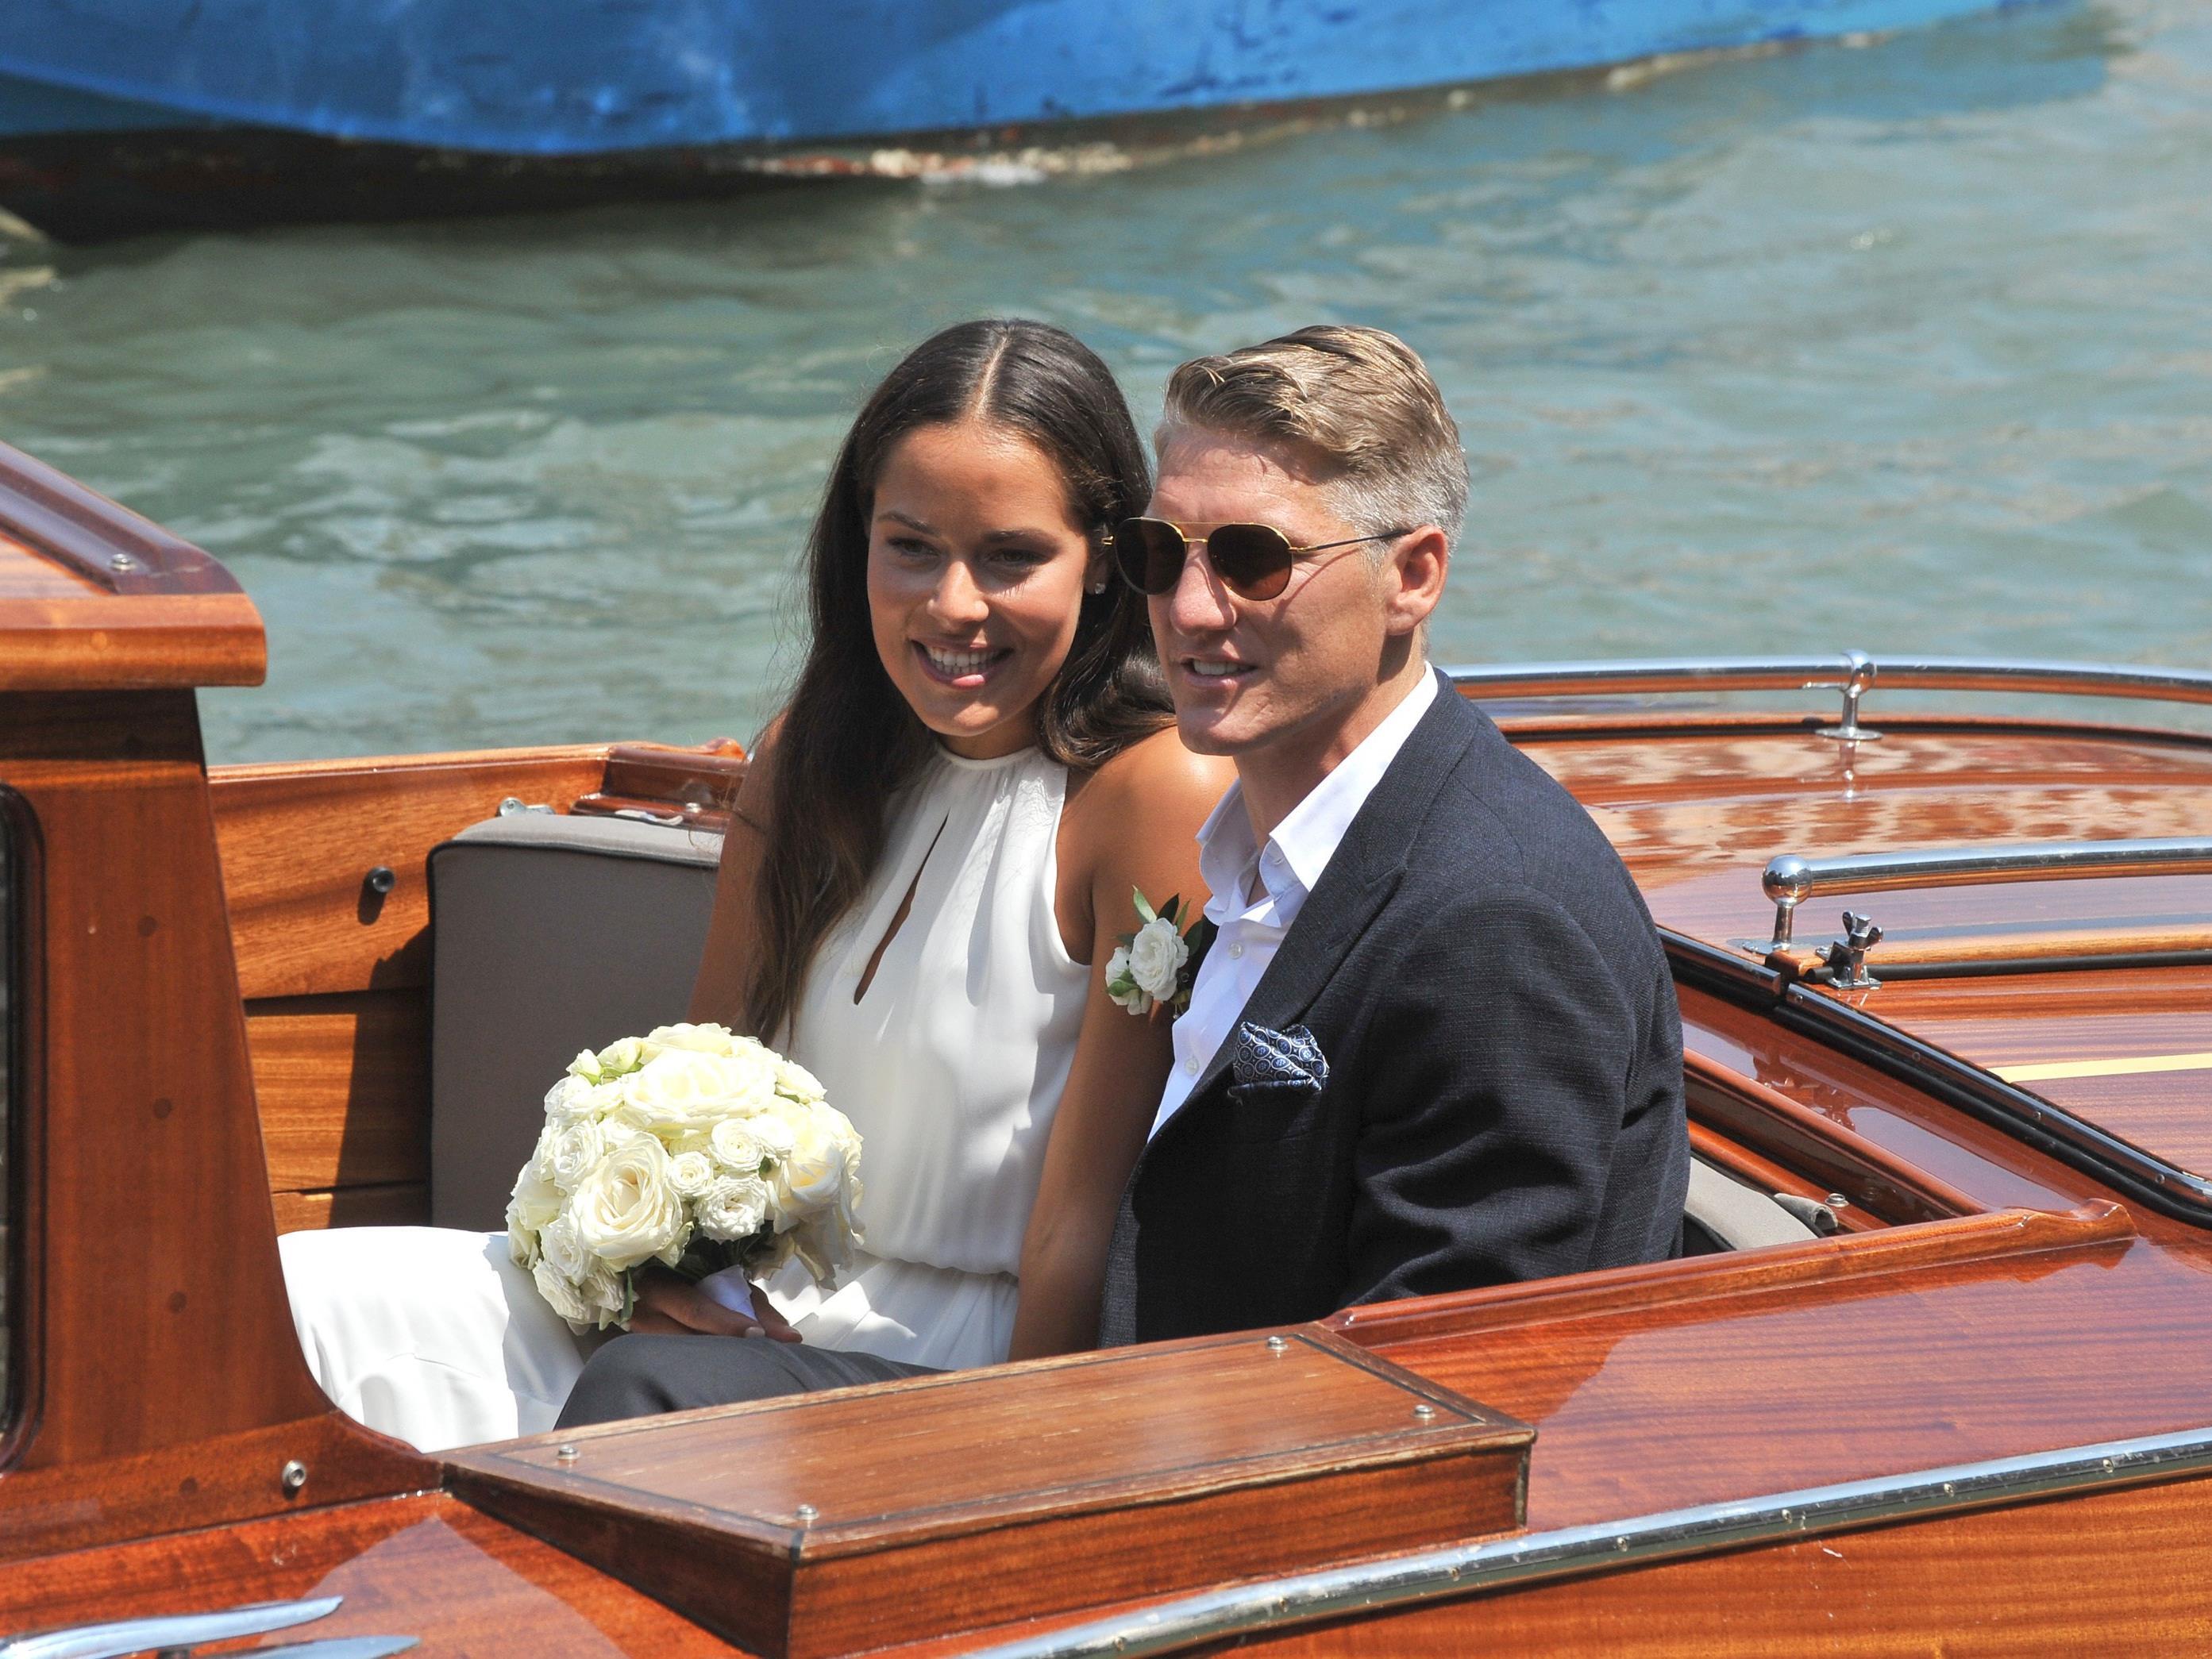 Romantik pur in Venedig.